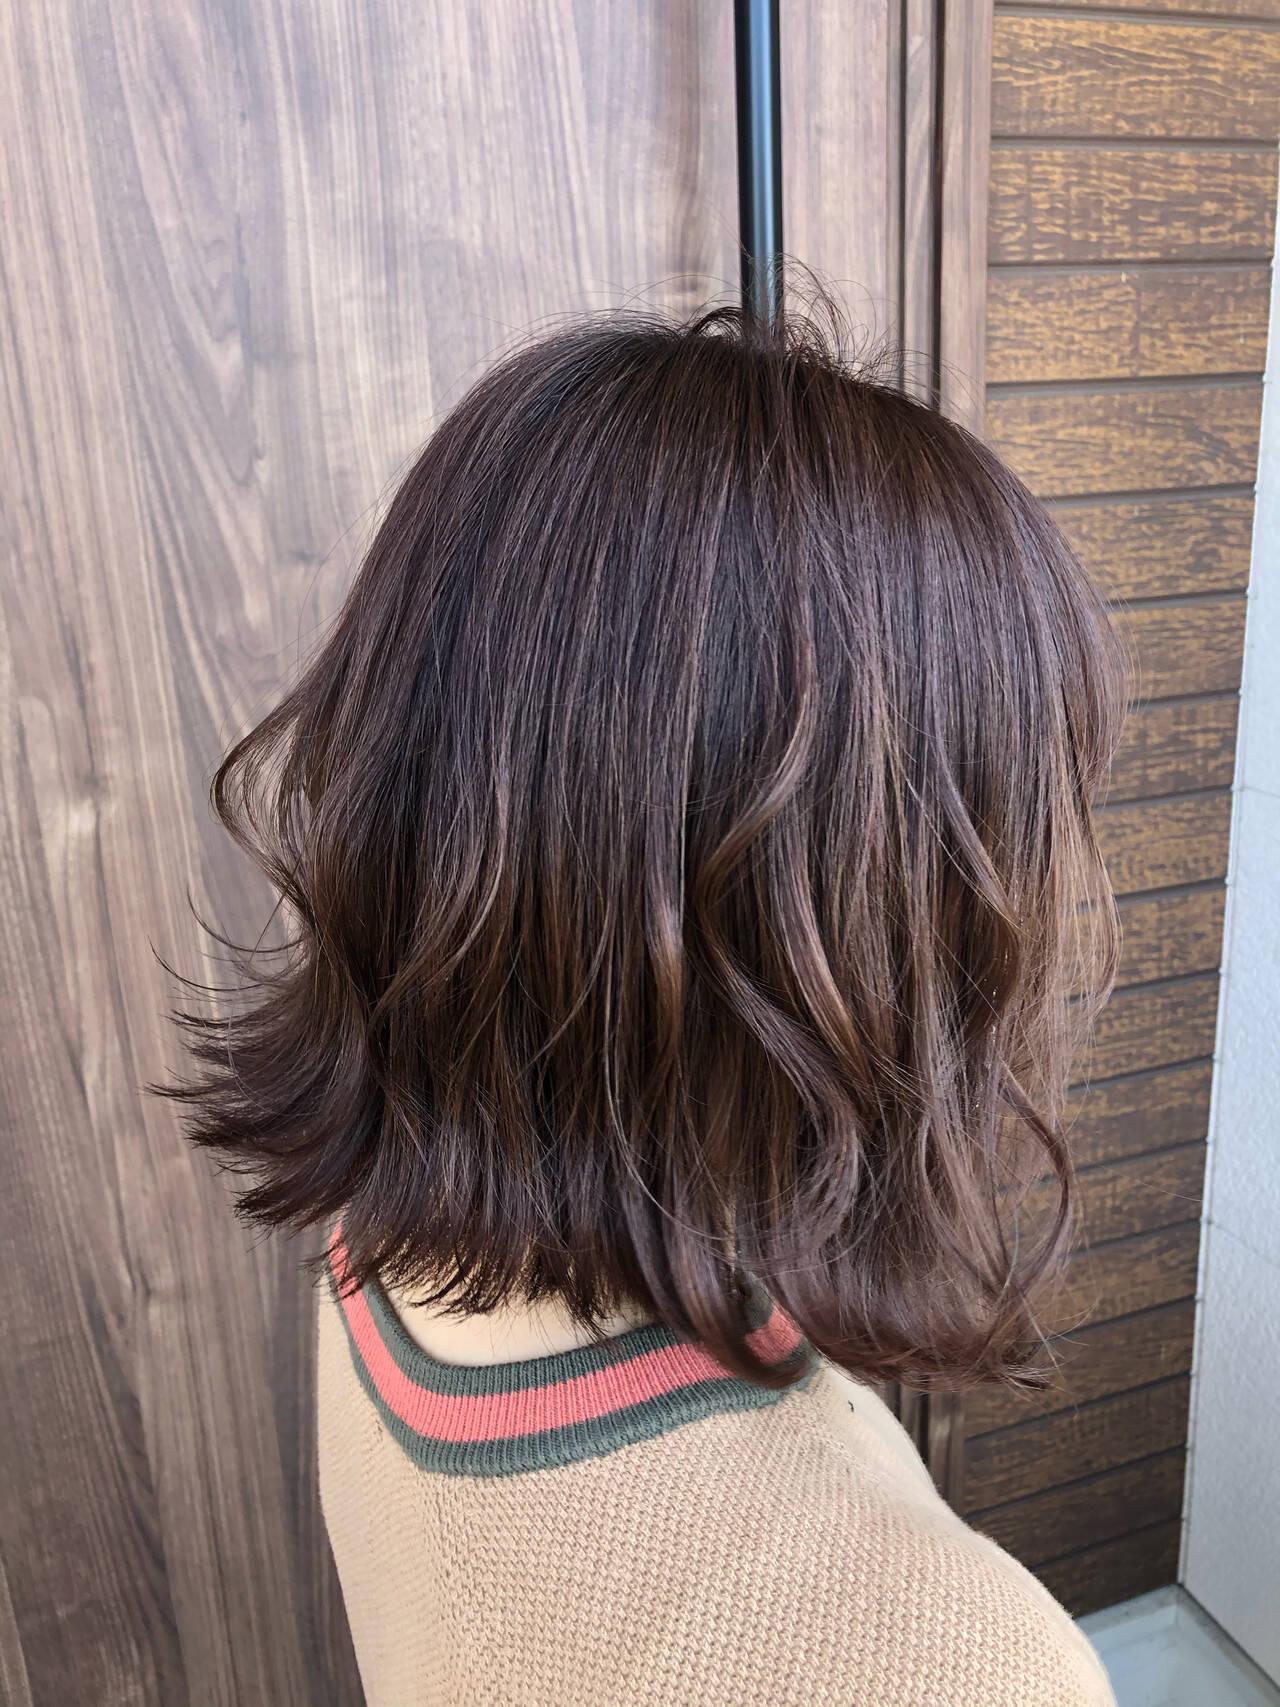 アッシュベージュ ミニボブ ショートボブ ベージュヘアスタイルや髪型の写真・画像